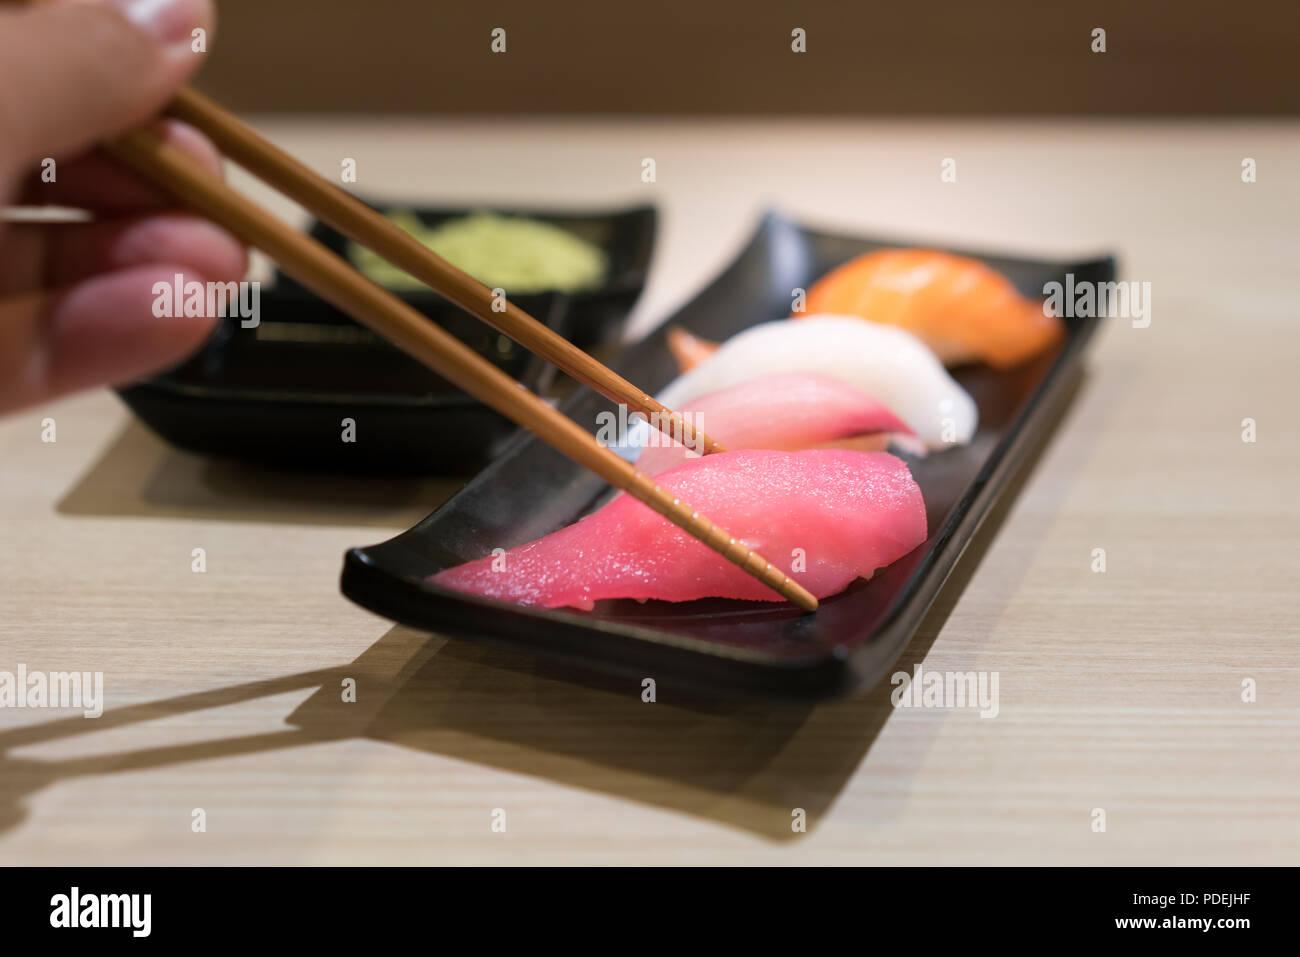 Stäbchen mit Japan rohen Thunfisch Sushi und frische Mischung Sushi in schwarz Platte - Japanisches Essen set Style im japanischen Restaurant. Stockbild